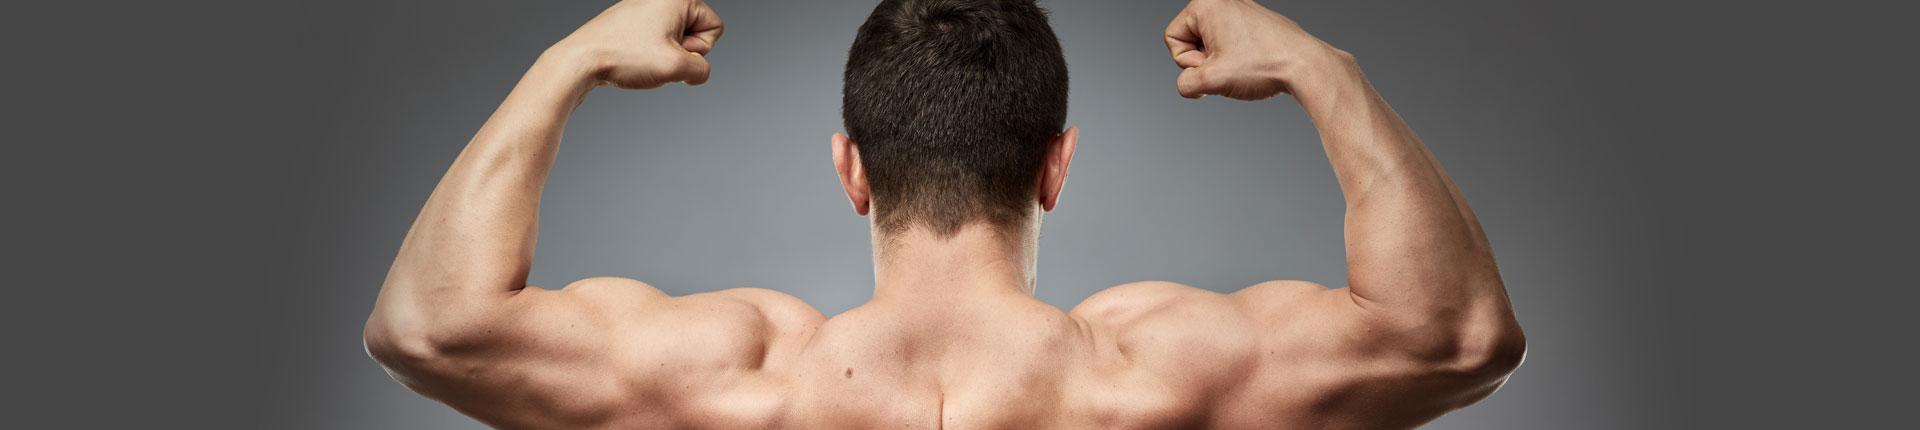 Redukcja tłuszczu z pleców - poznaj powody, które utrudniają docięcie grzbietu